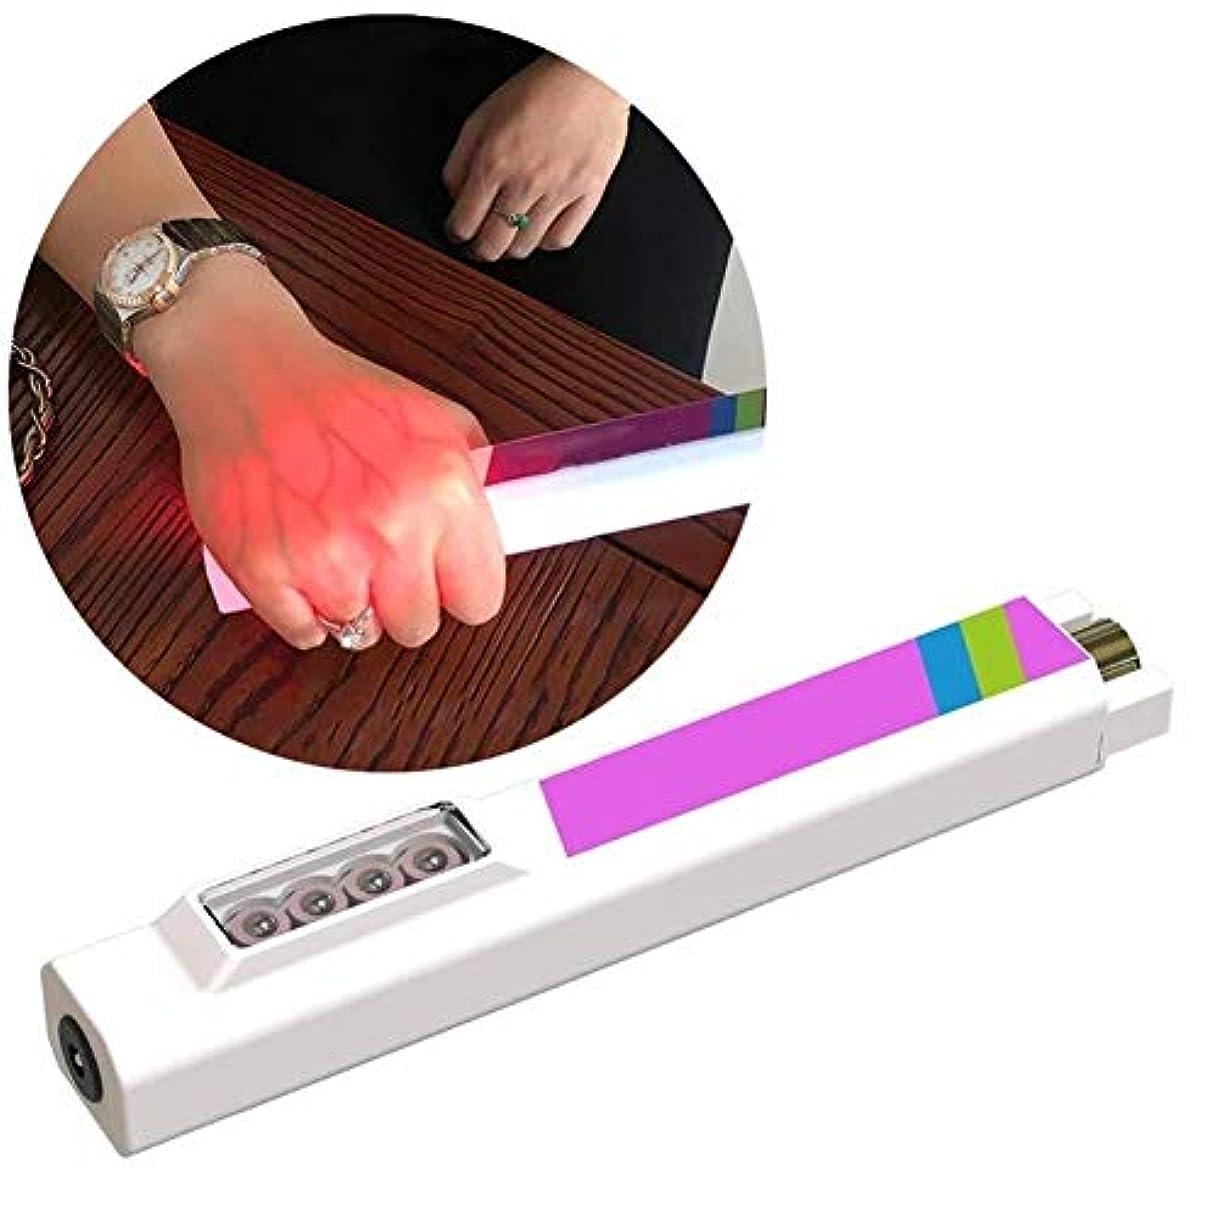 使役違法応じる静脈イメージング懐中電灯血管ディスプレイ懐中電灯手穿刺による血管ライトの確認皮下静脈デバイスの発見が容易